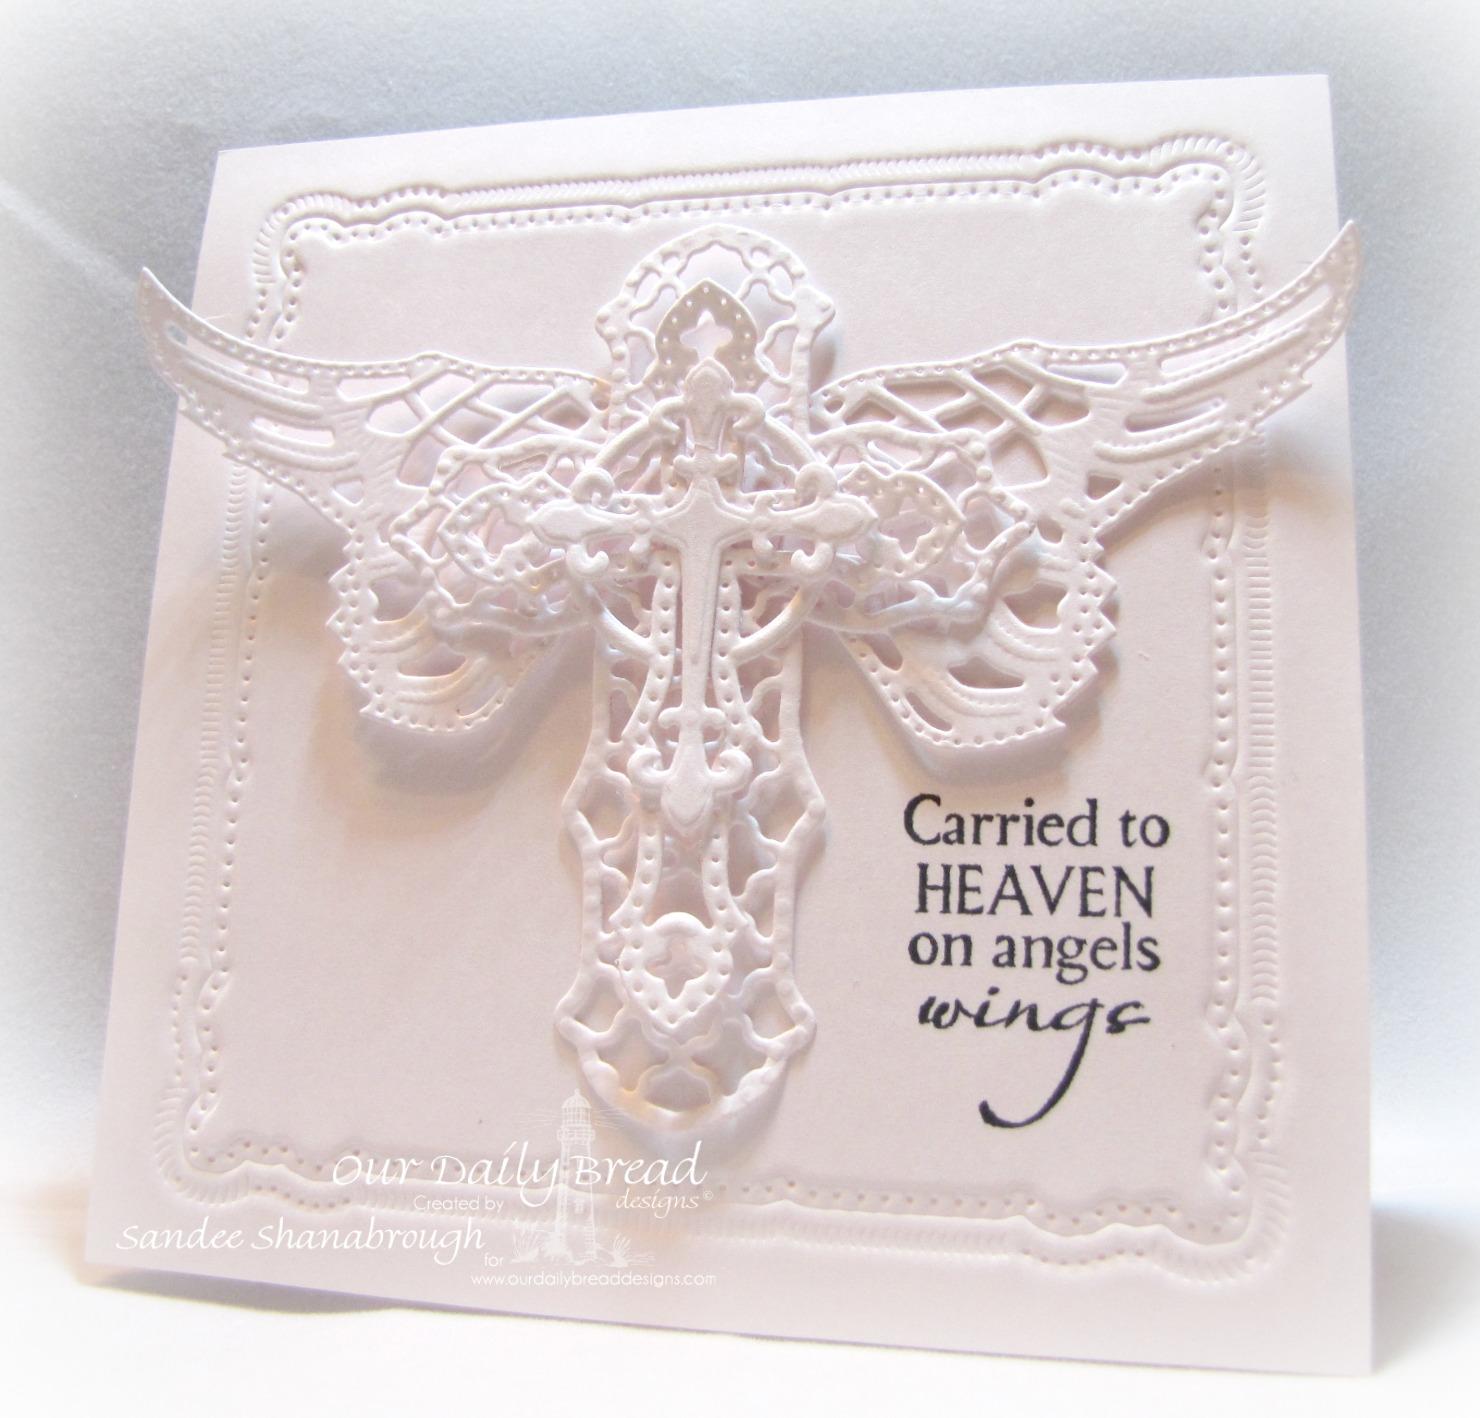 Stamps - Our Daily Bread Designs Carried to Heaven, ODBD Custom Ornamental Crosses Die, ODBD Angel Wings Die